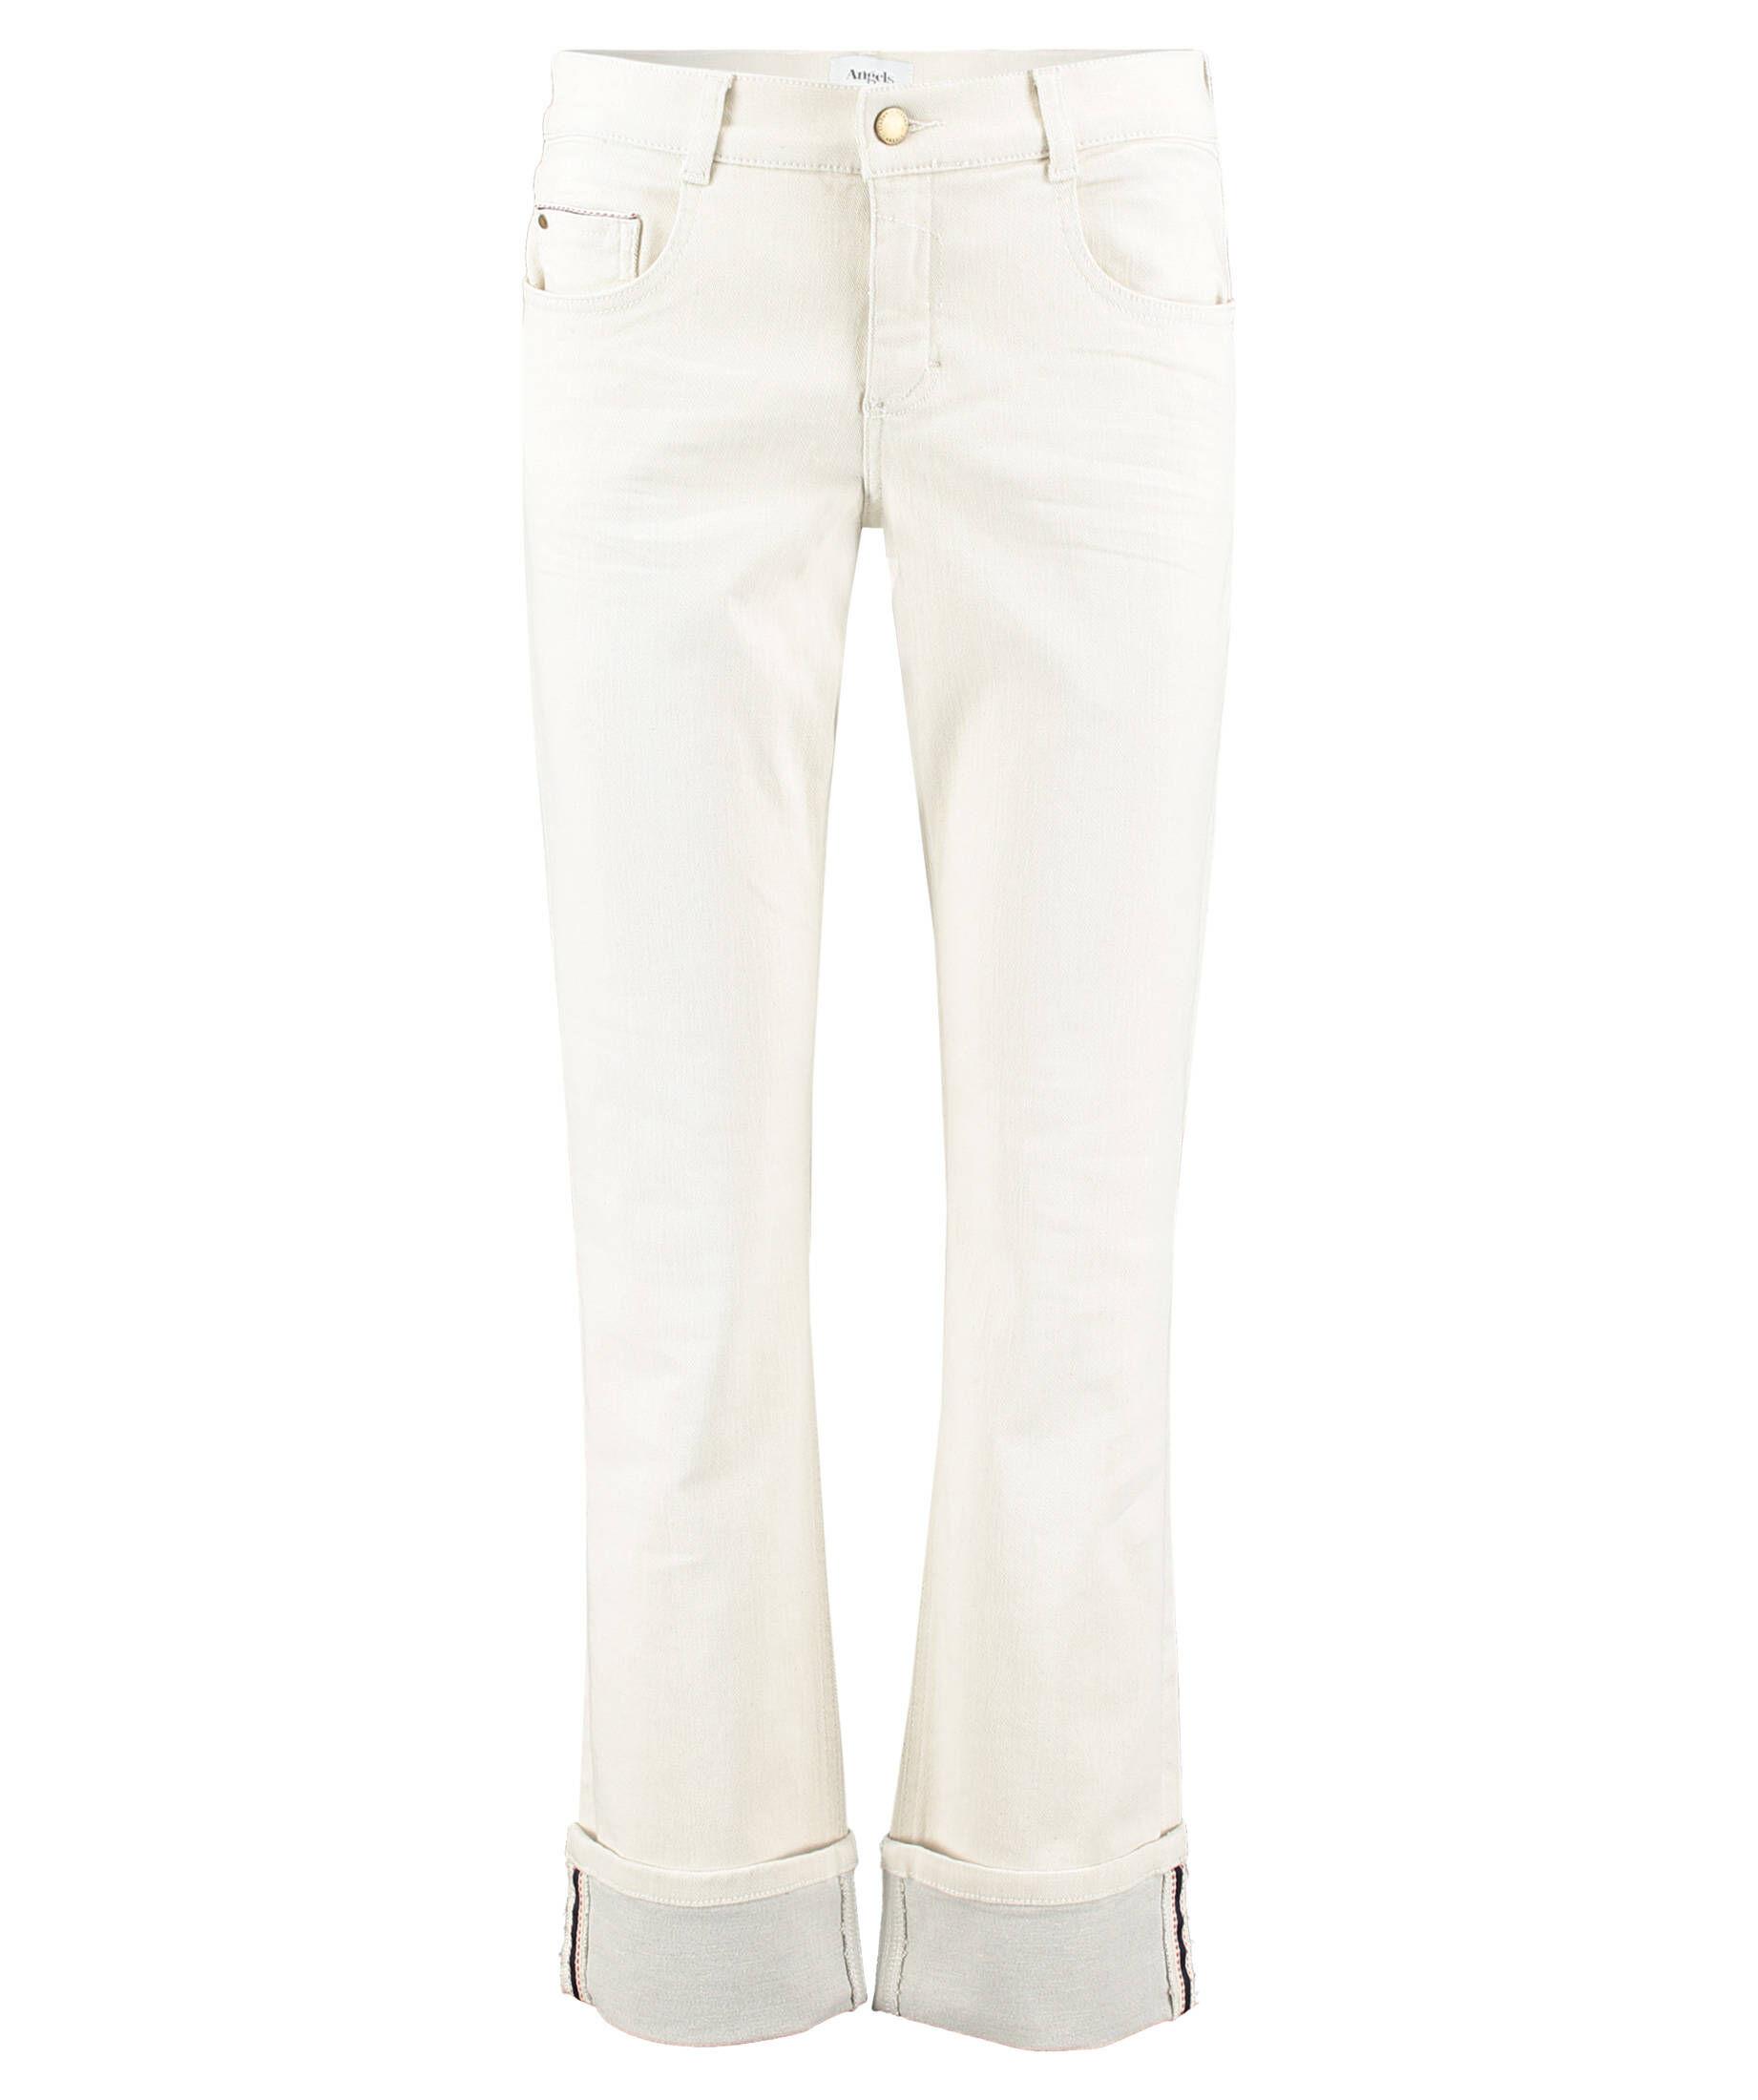 Angels Damen Jeans Regular Fit | engelhorn